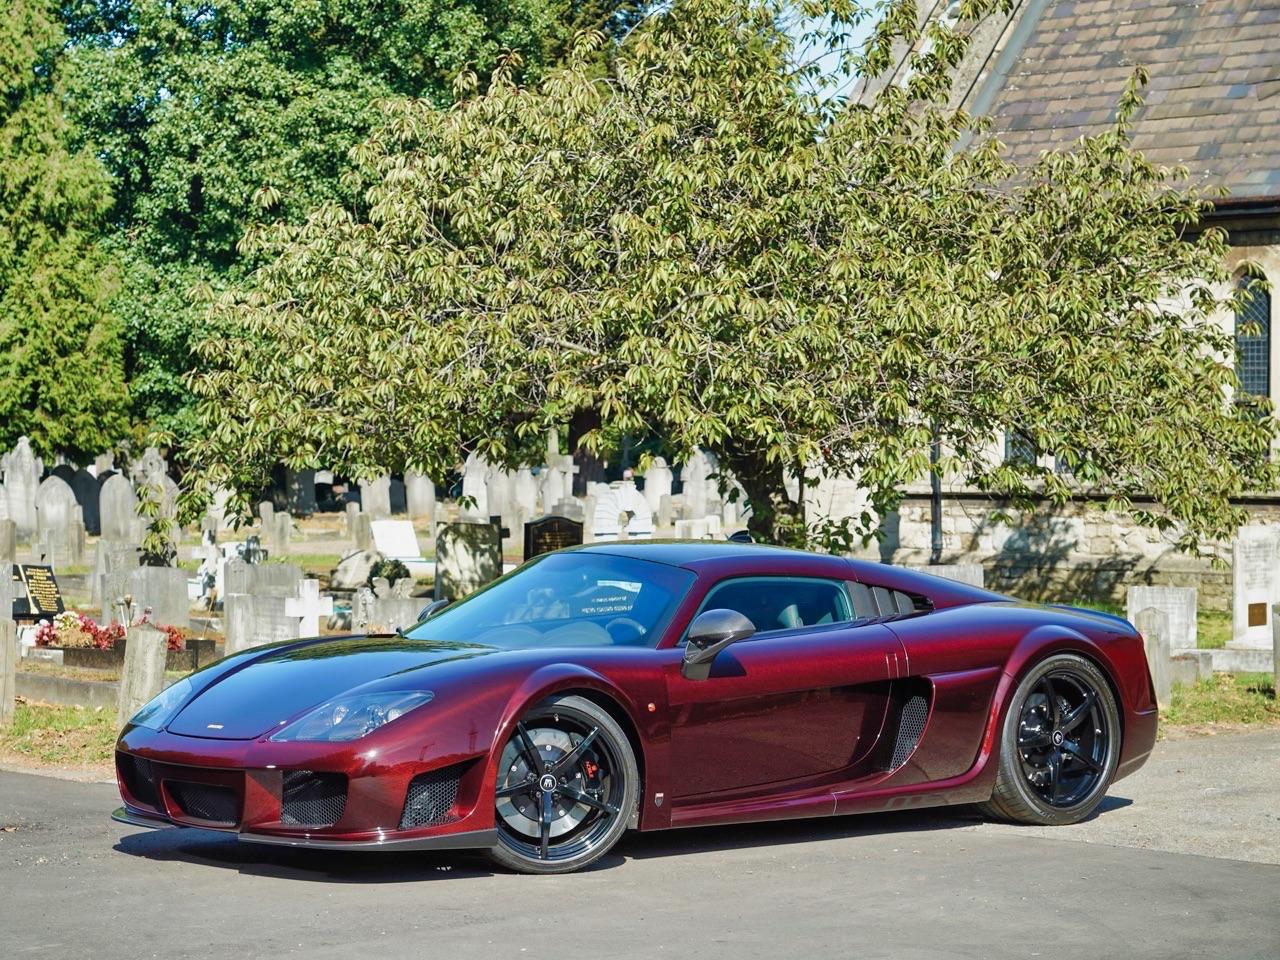 Noble M600 CarbonSport - Va y avoir du carbone et du... sport ! 20